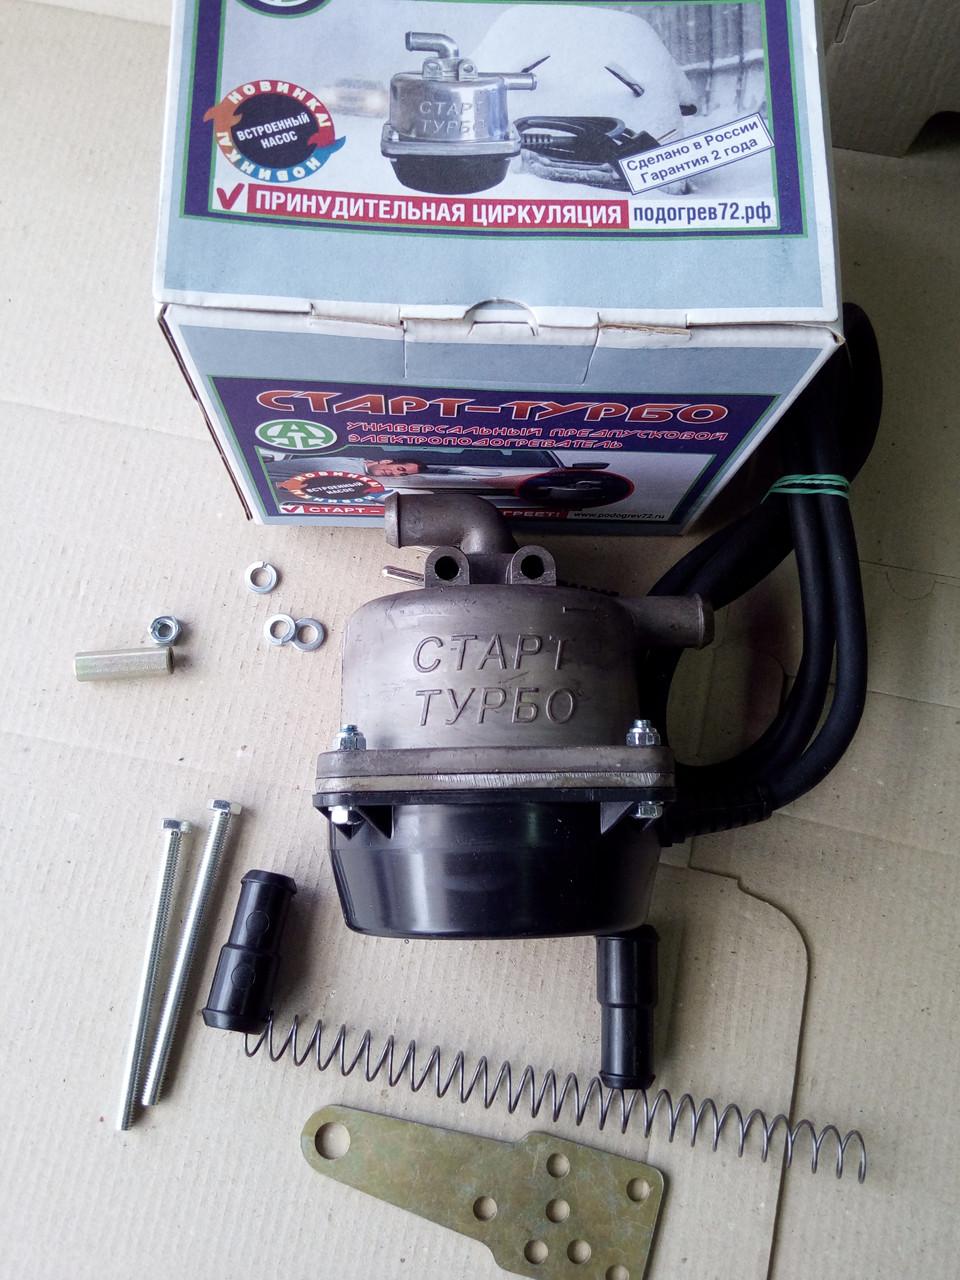 Предпусковой подогреватель двигателя с насосом СТАРТ-Турбо 1,5 кВт с монтажным комплектом №4